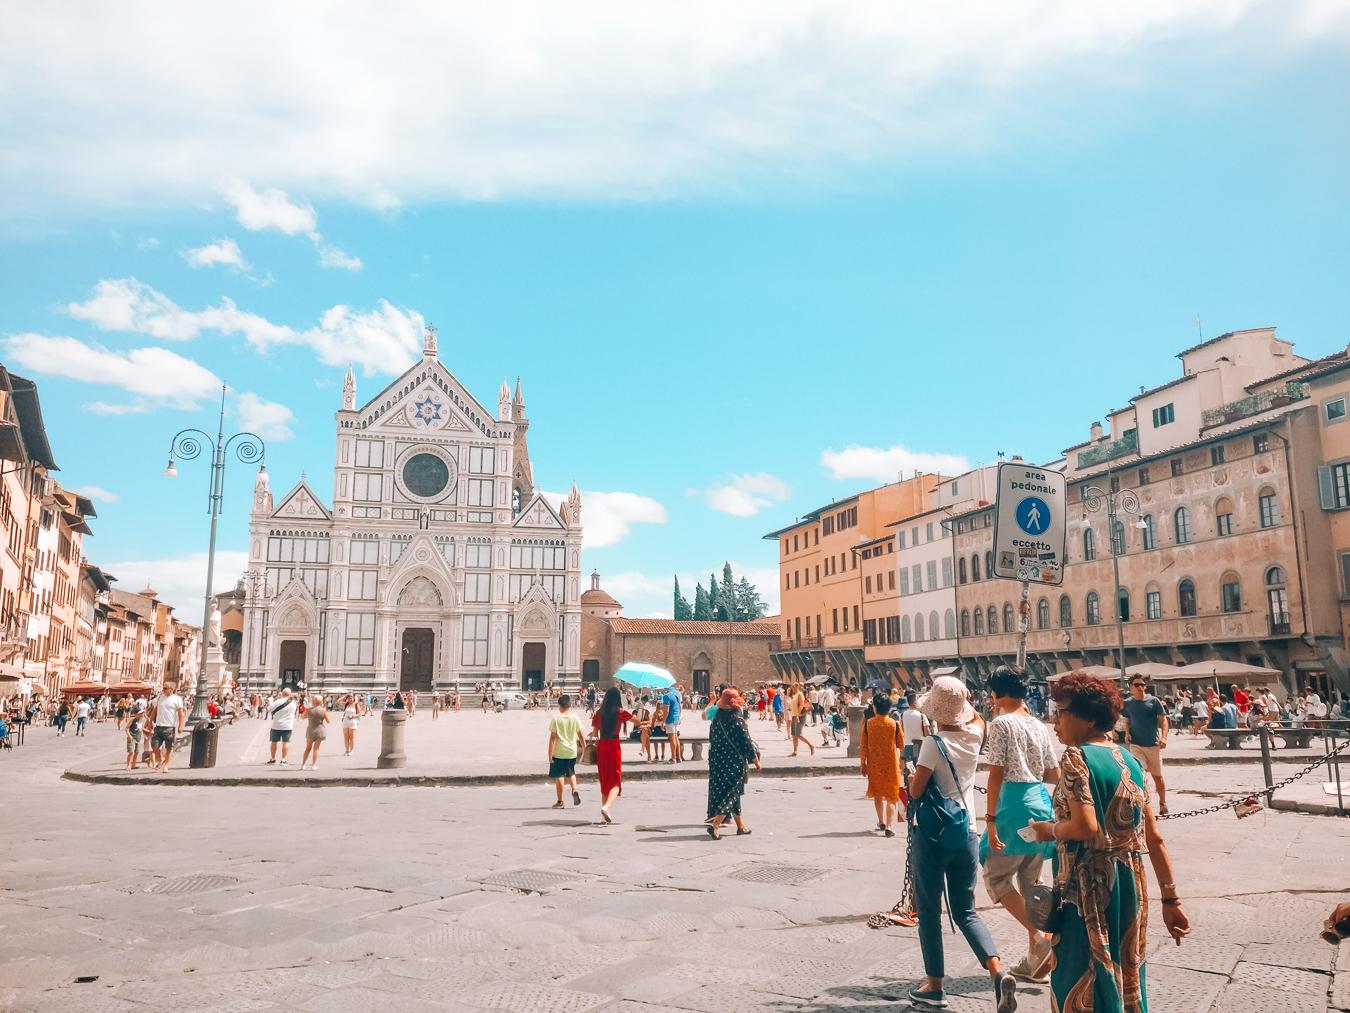 Santa Croce and square